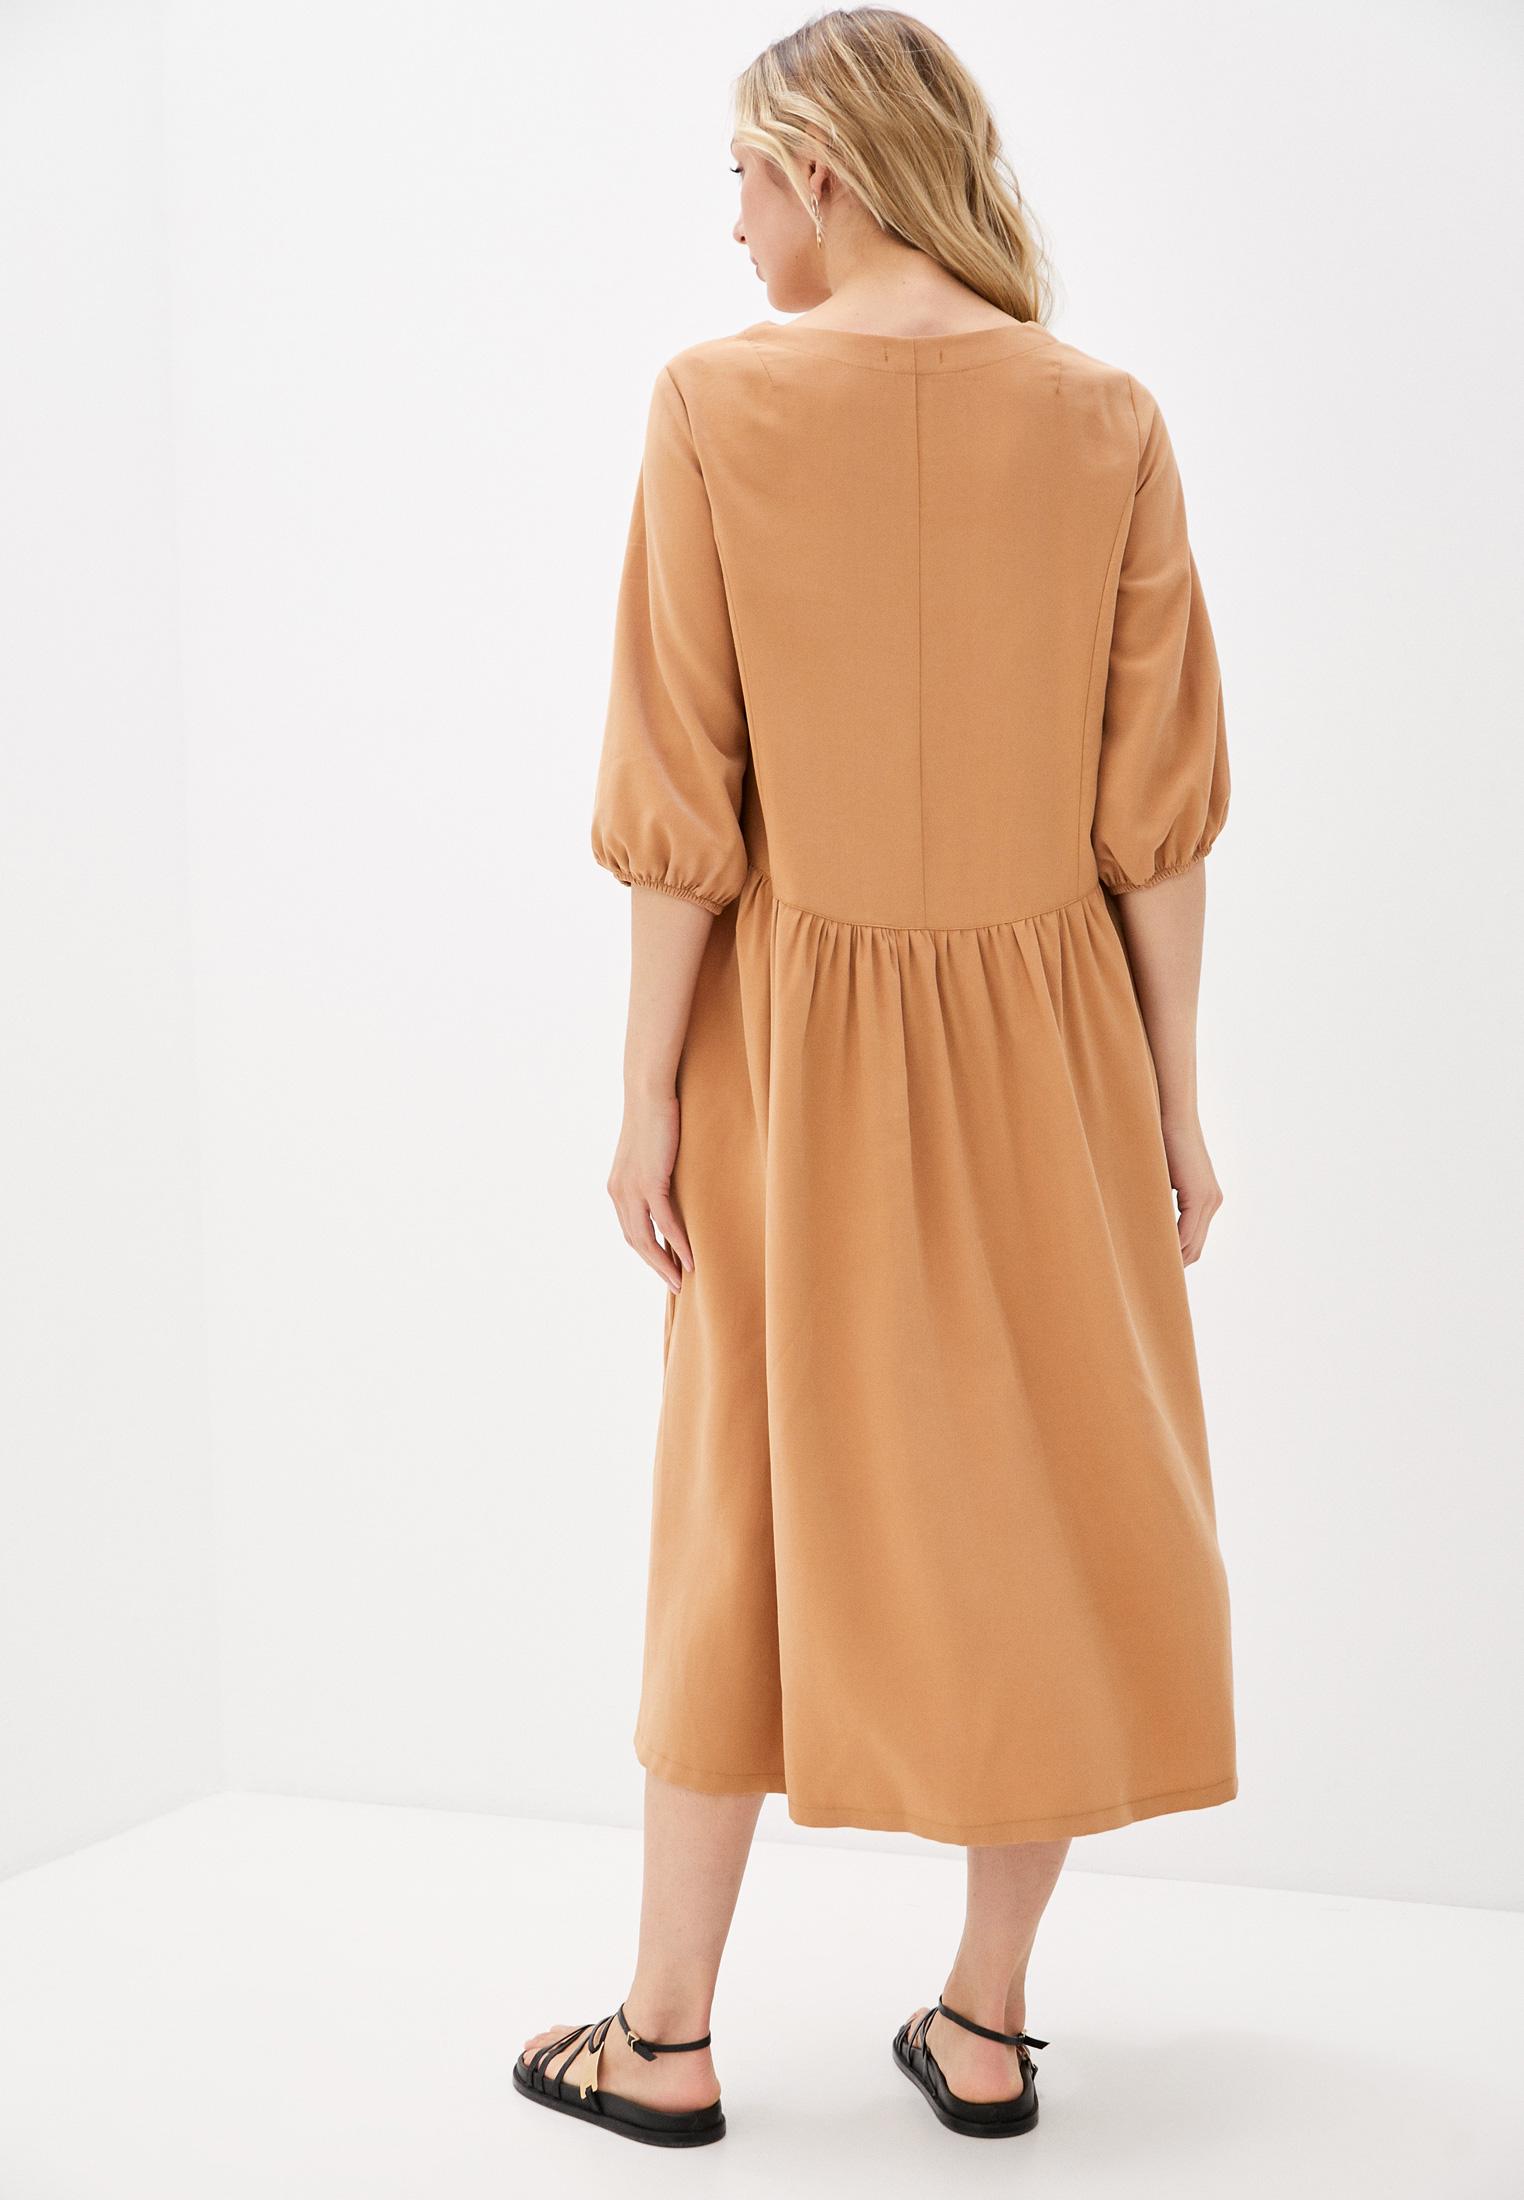 Повседневное платье Nataliy Beate Платье мод.522: изображение 3